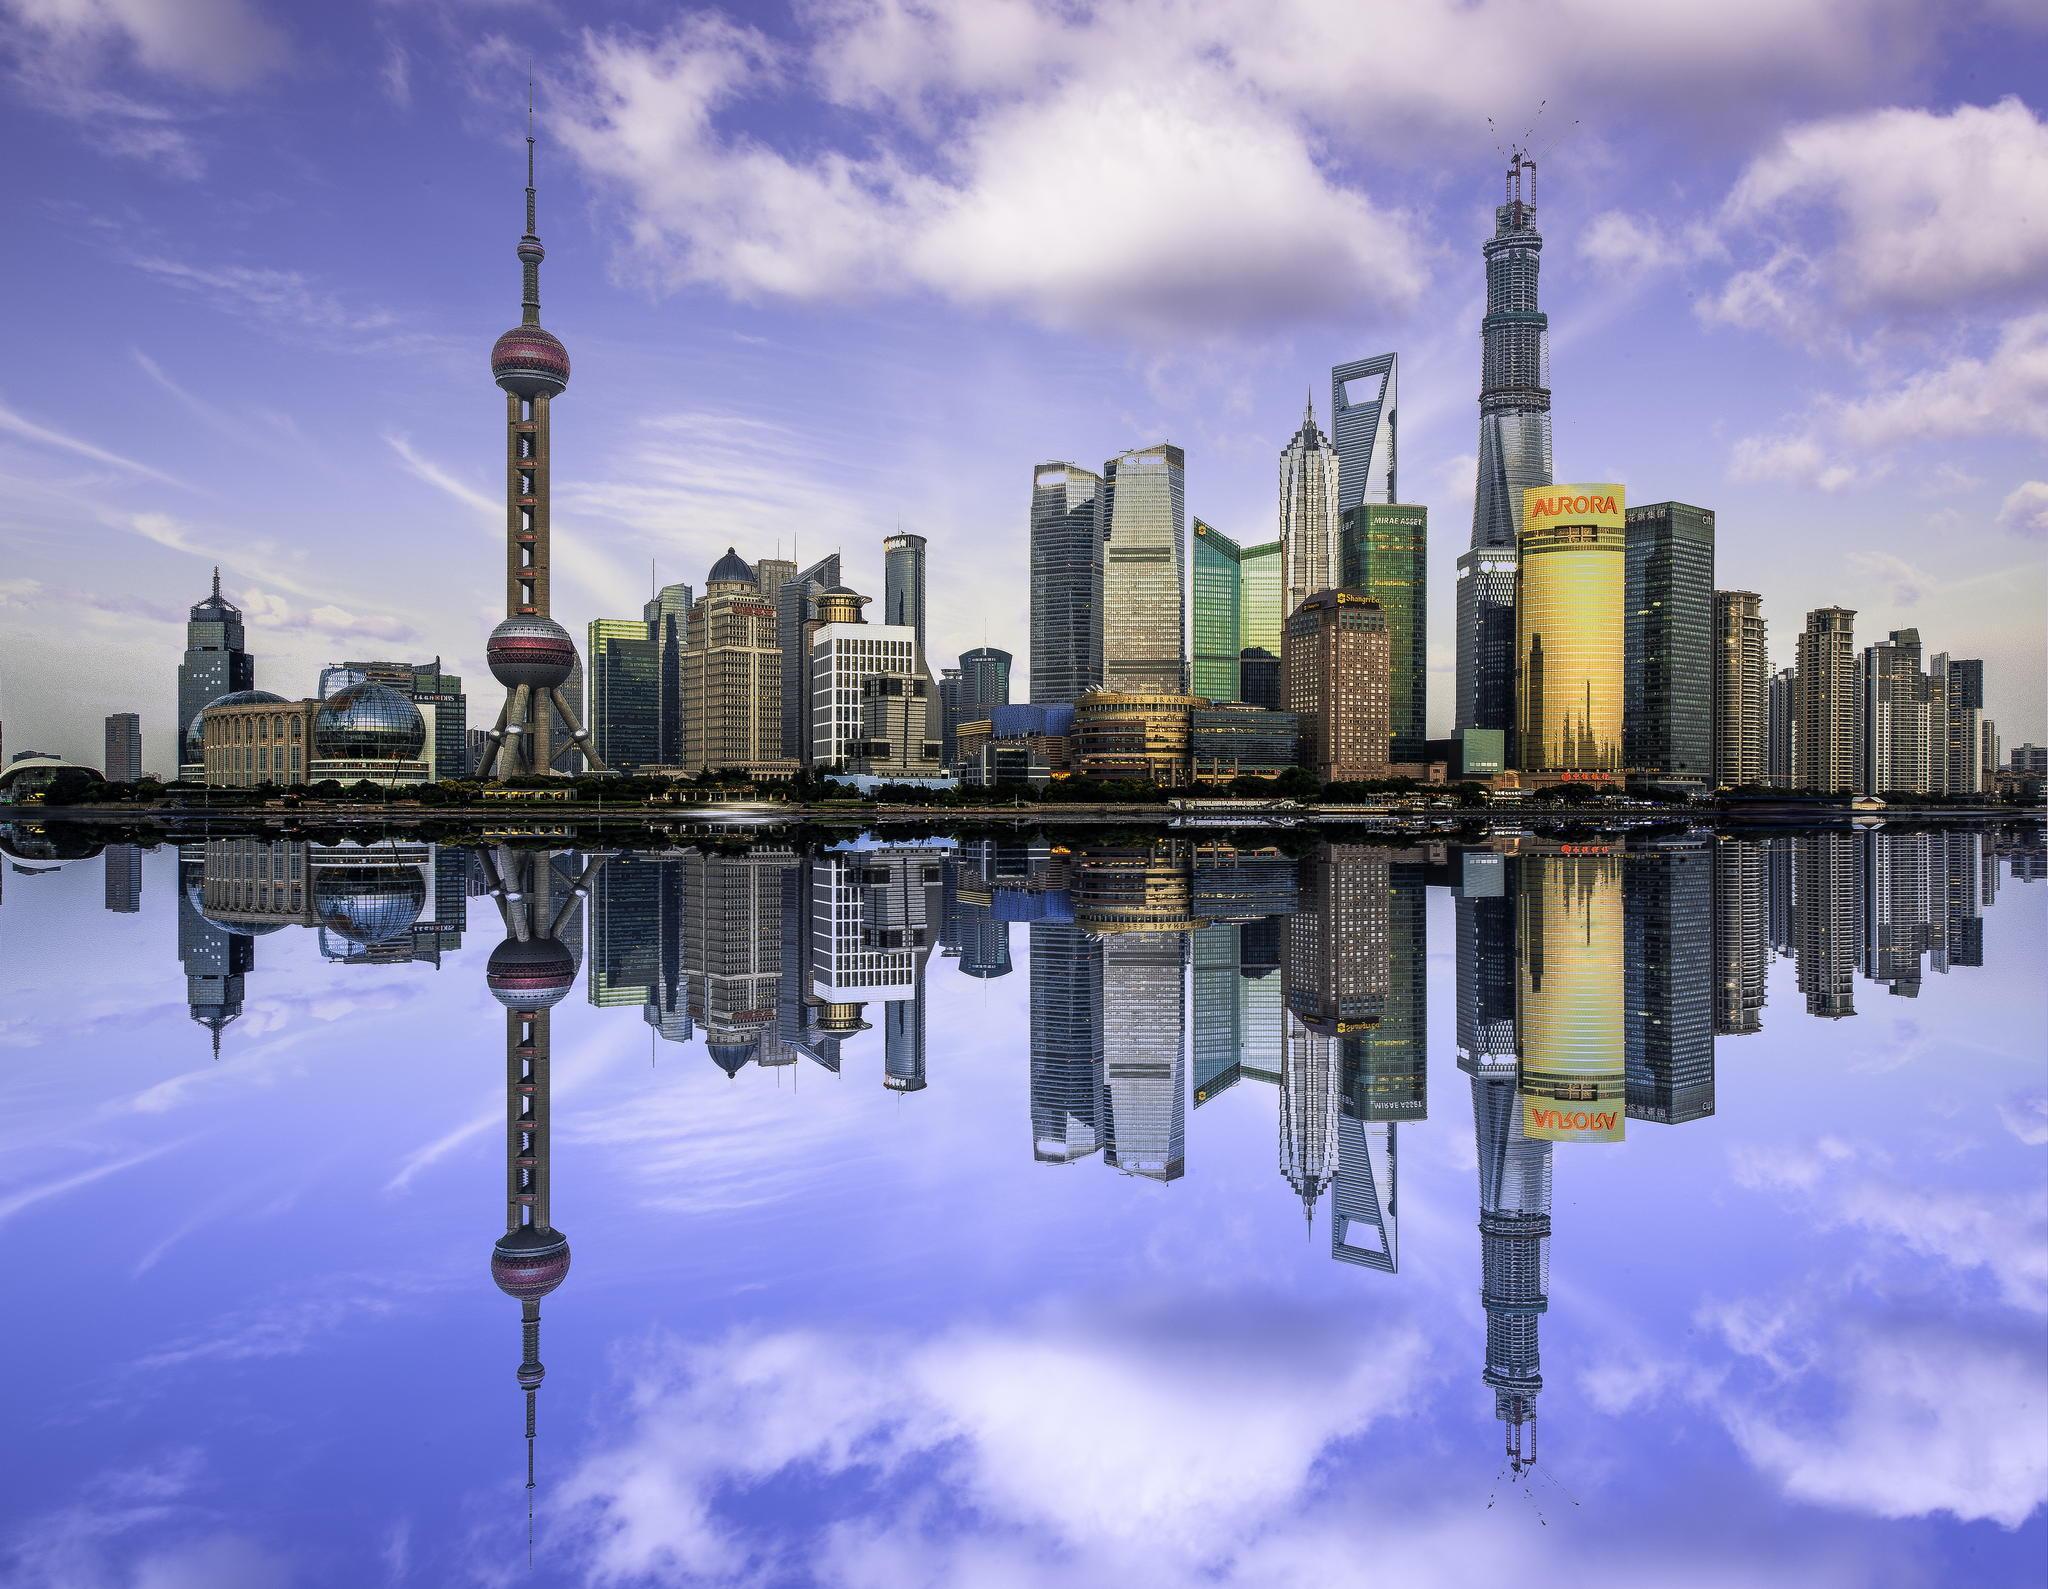 点评(585条) 5分 评分: 发表 可以输入1000字 ##简介##外滩位于上海市